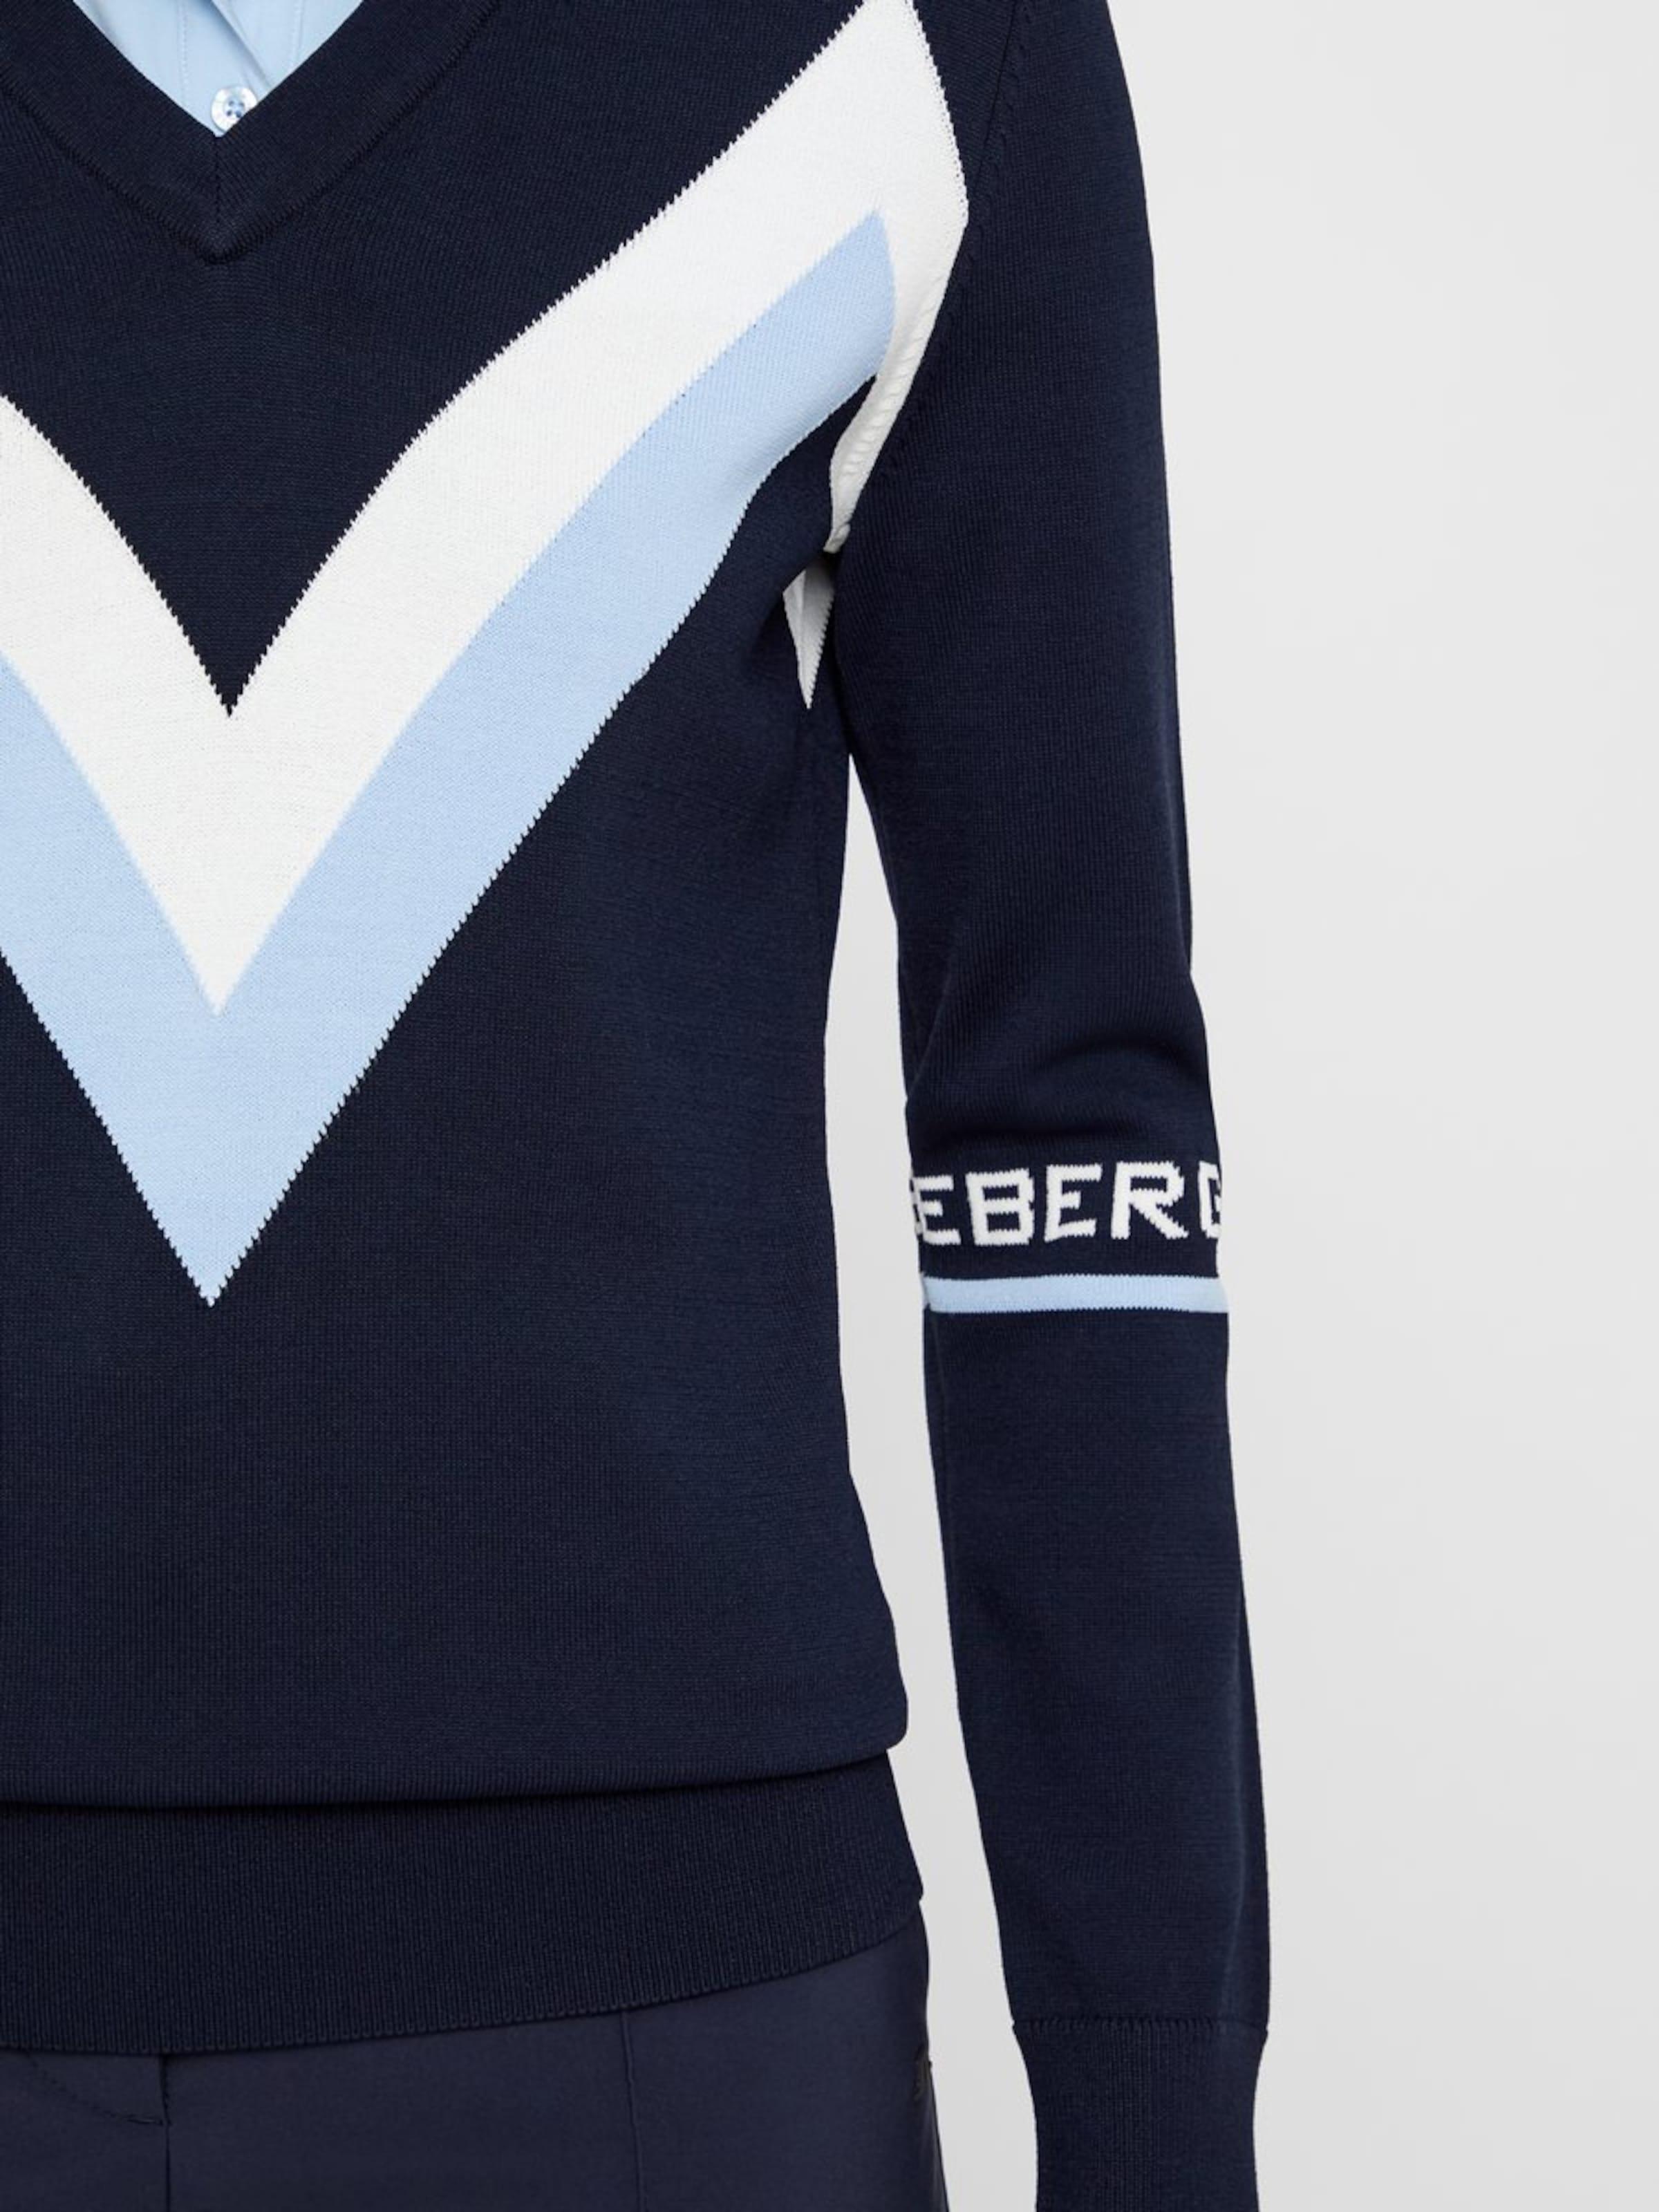 MarineClair Blanc Bleu lindeberg 'celine' En Pull over J jq3Sc5R4AL